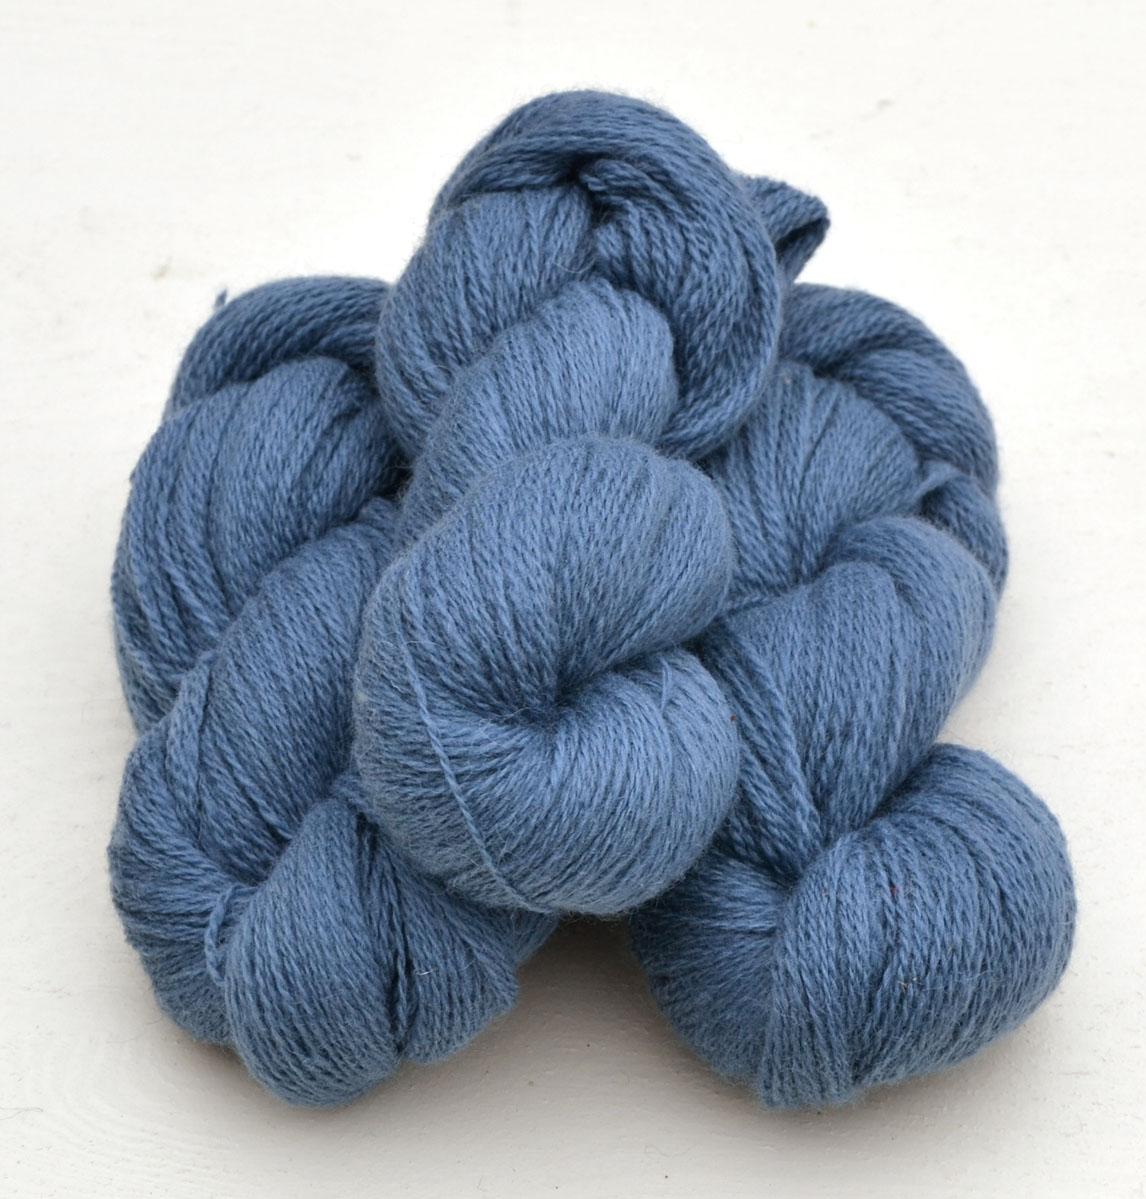 Ullcentrum 6/2-4141 Mittelblau auf weißer Wolle Nordic Blue on white Wool mellanblå